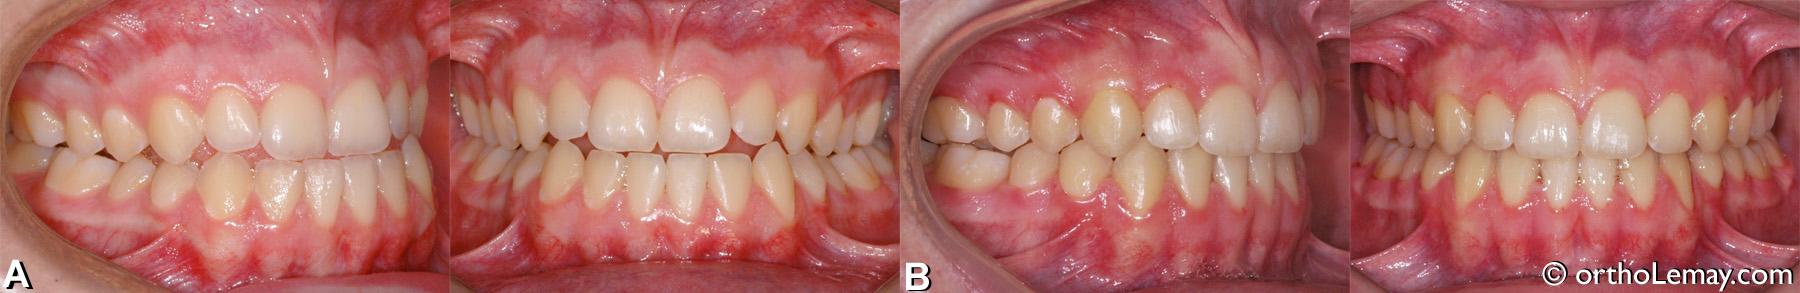 Malocclusion dentaire classe 3 avec maxillaire étroit, traitée en orthodontie.